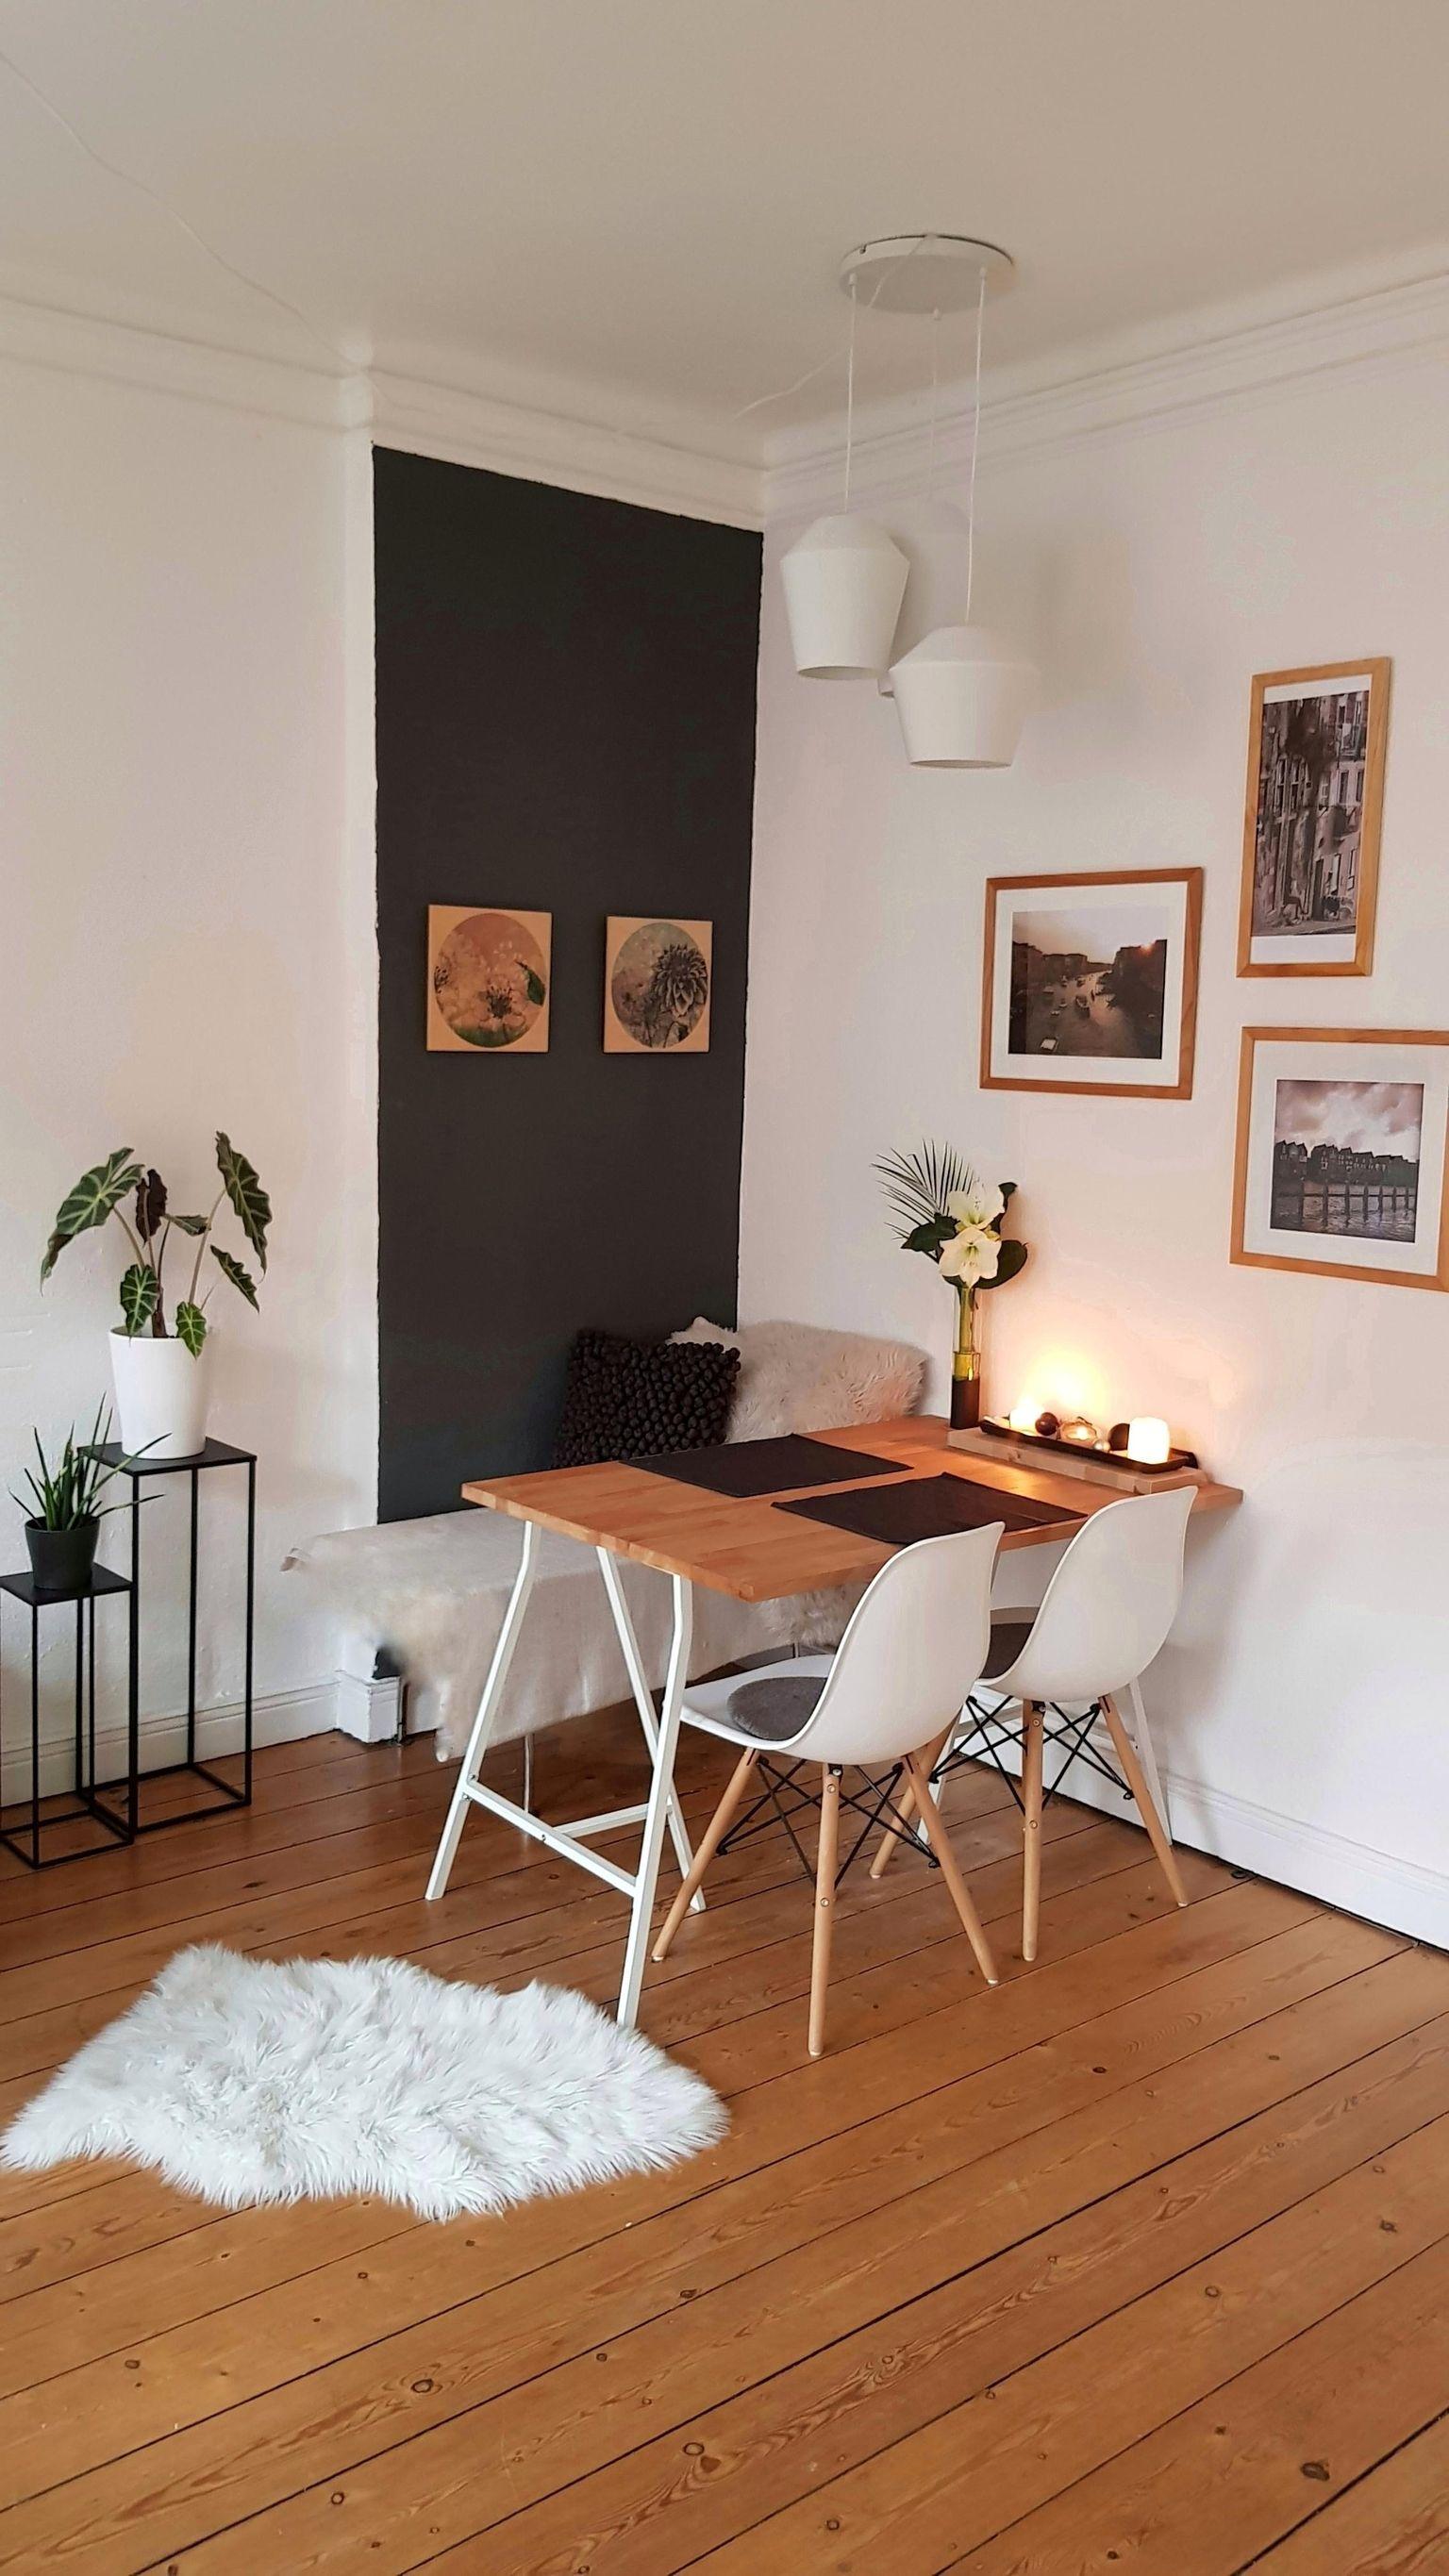 Esstisch mit Ikea Tischböcken #diyweek #diy #ikeahack #eetkamer